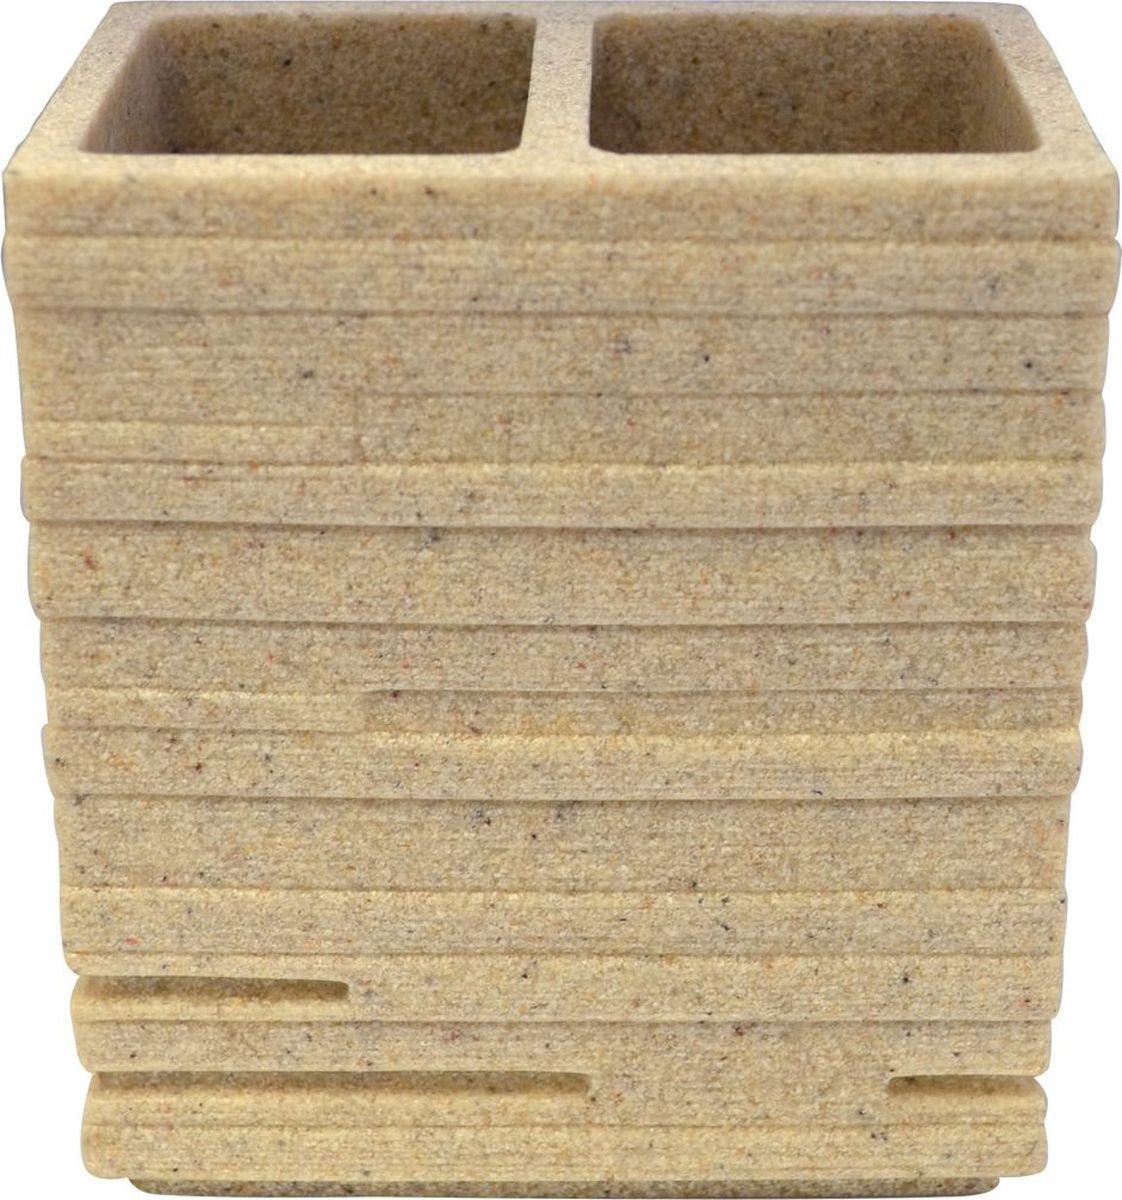 """Стакан для зубных щеток Ridder """"Brick"""" изготовлен из полирезина,  устойчивого к ультрафиолету.  Экологичный полирезин - это твердый многокомпонентный материал на основе  синтетической смолы, с добавлением каменной крошки и красящих пигментов."""